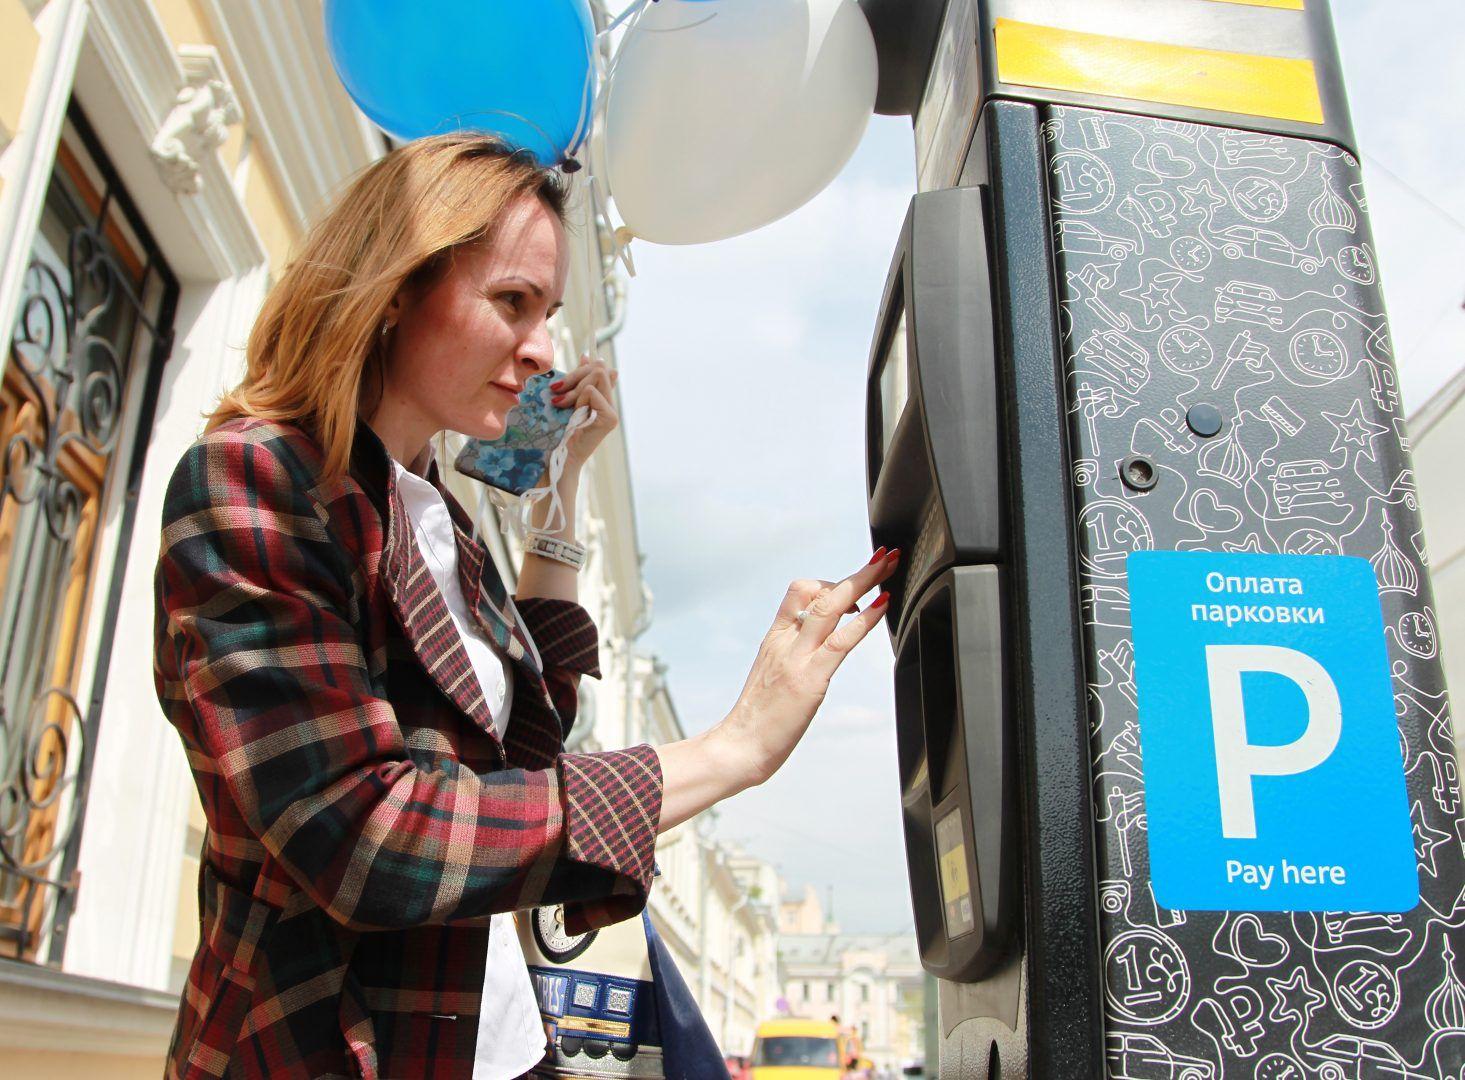 Москвичей порадовали бесплатными парковками. Фото: Наталия Нечаева